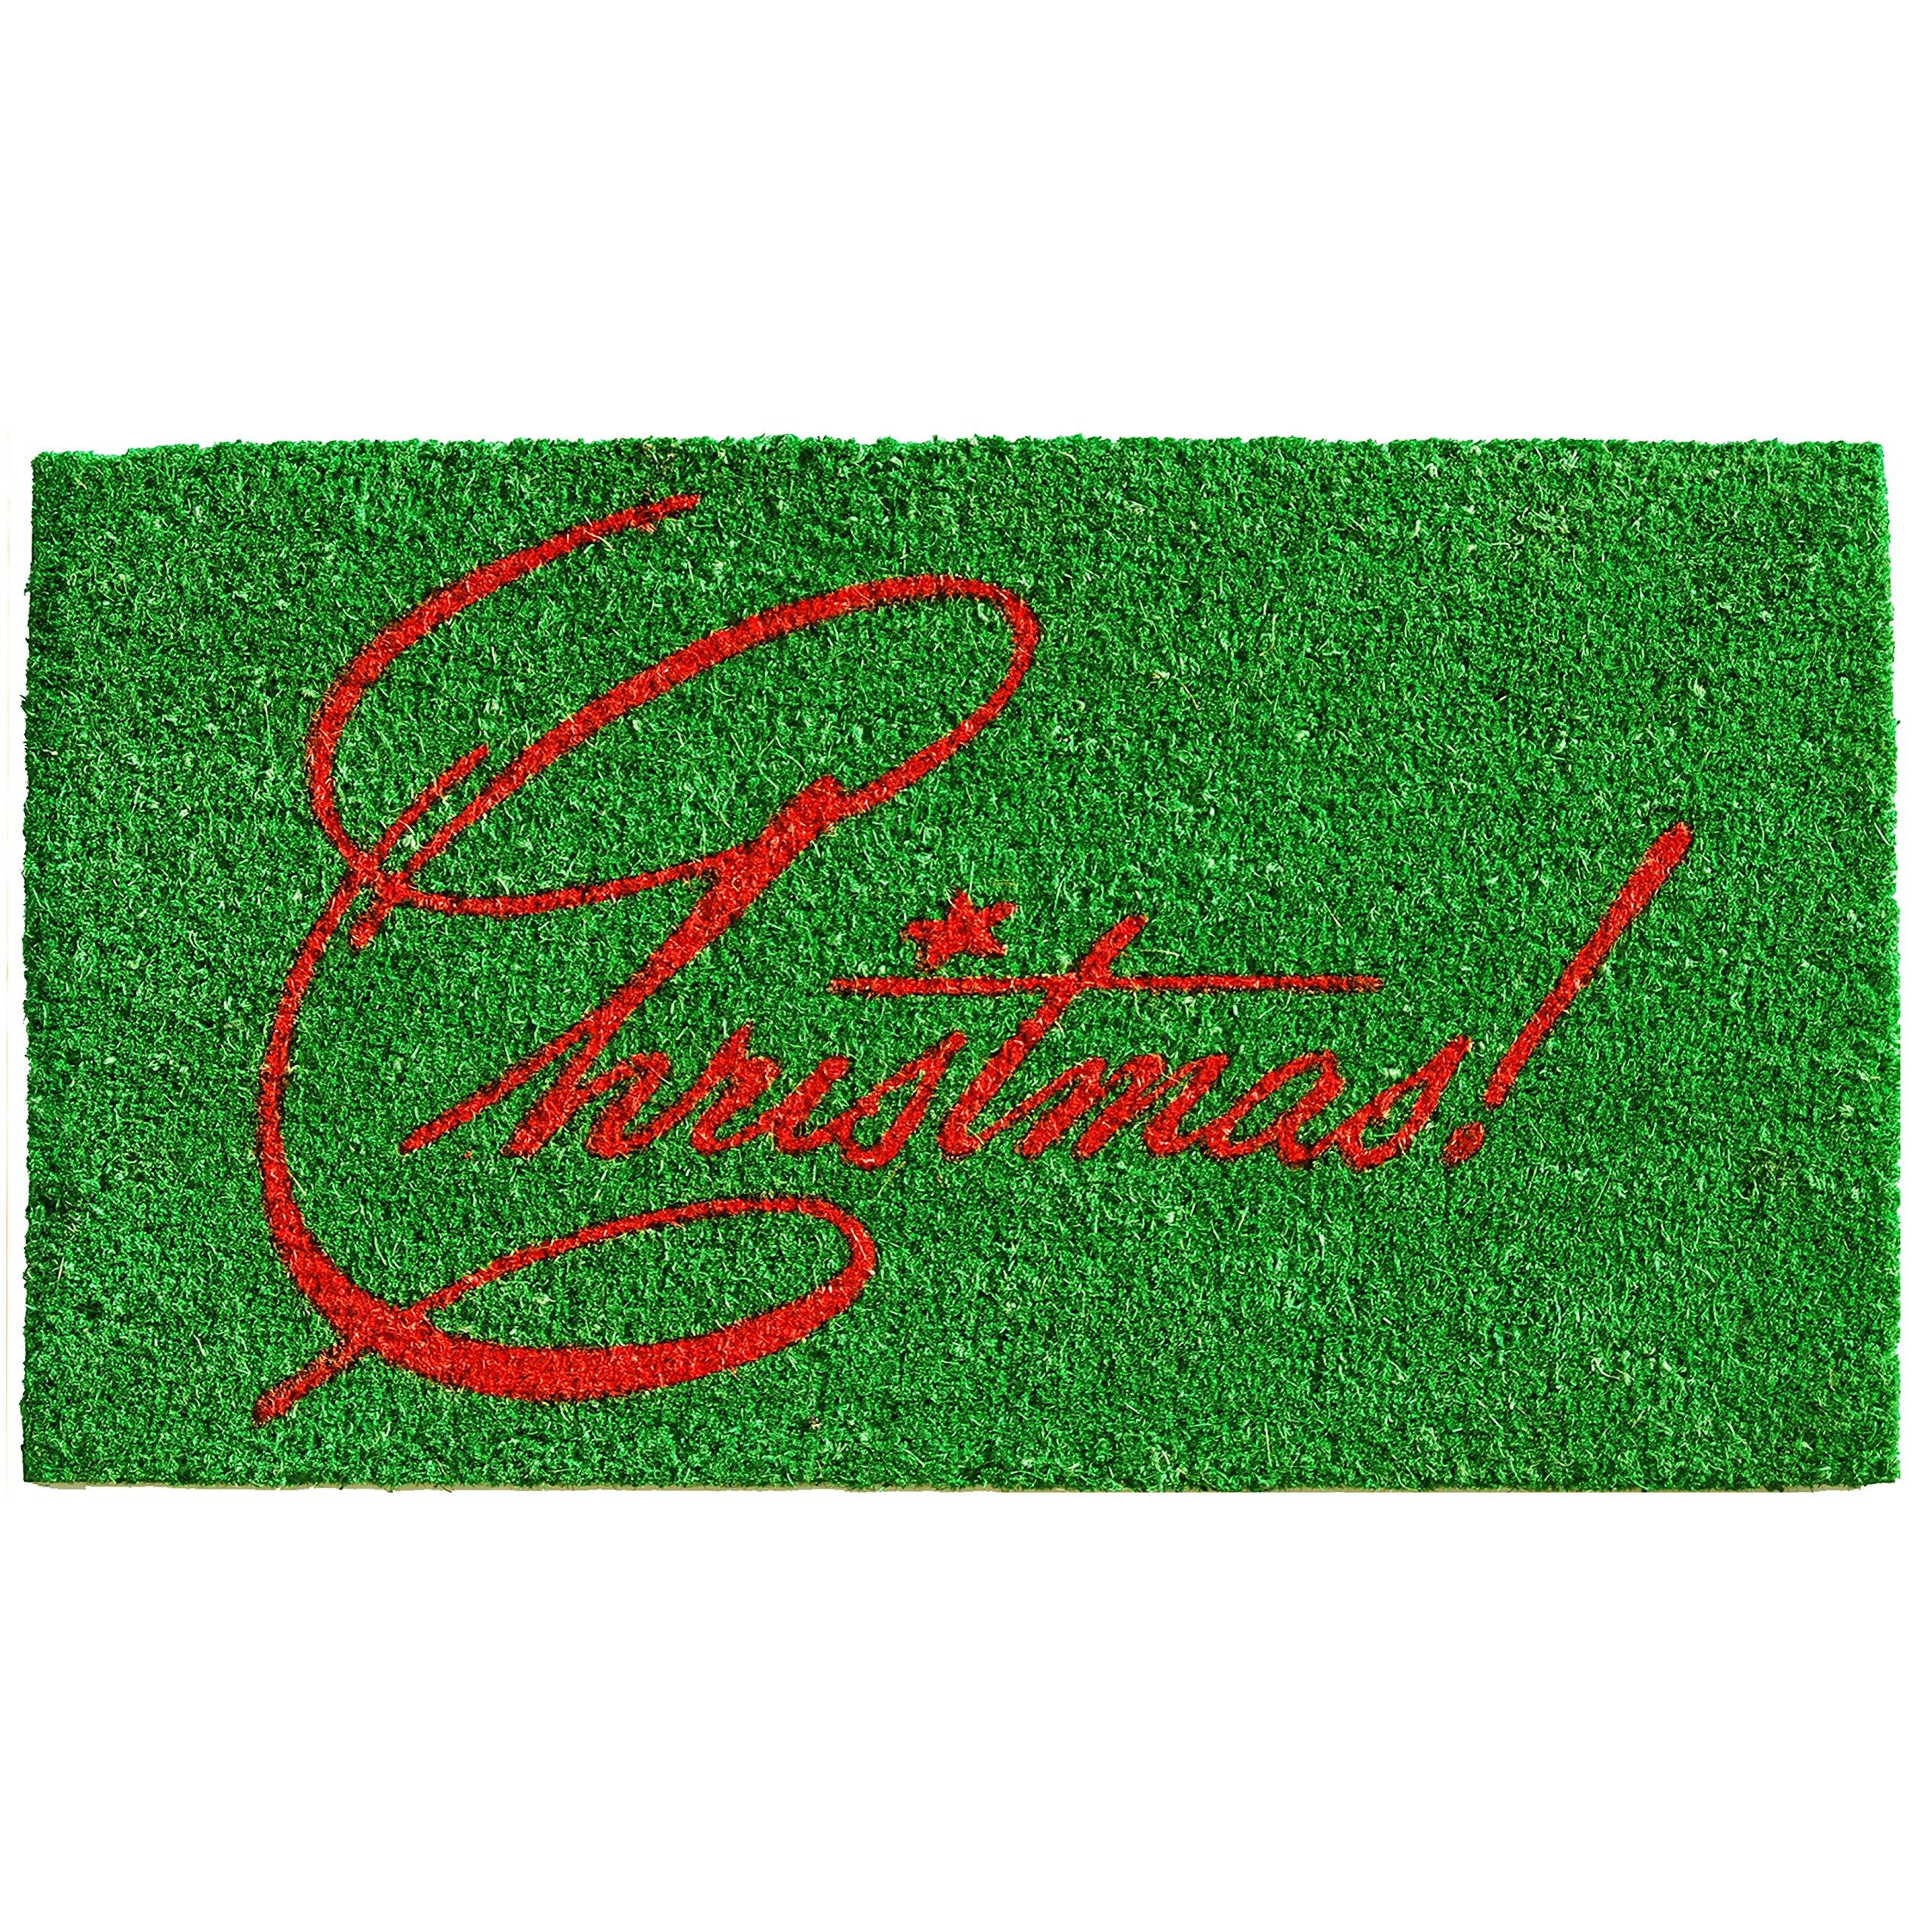 Home & More 121582436 Christmas Doormat, 24'' x 36'' x 0.60'', Multicolor